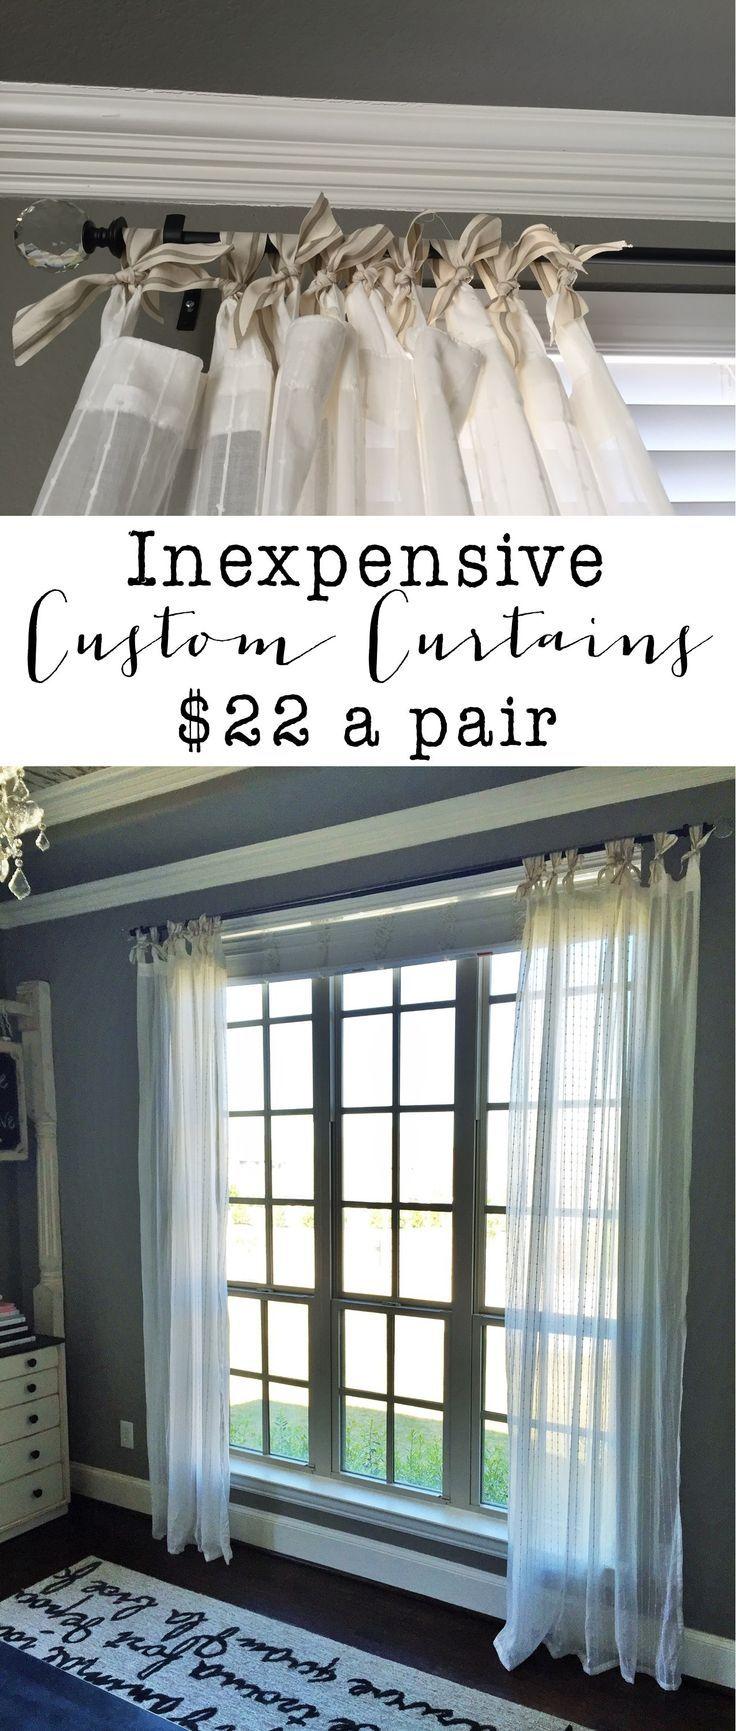 Best 20+ Custom curtains ideas on Pinterest | Ready made curtains ...